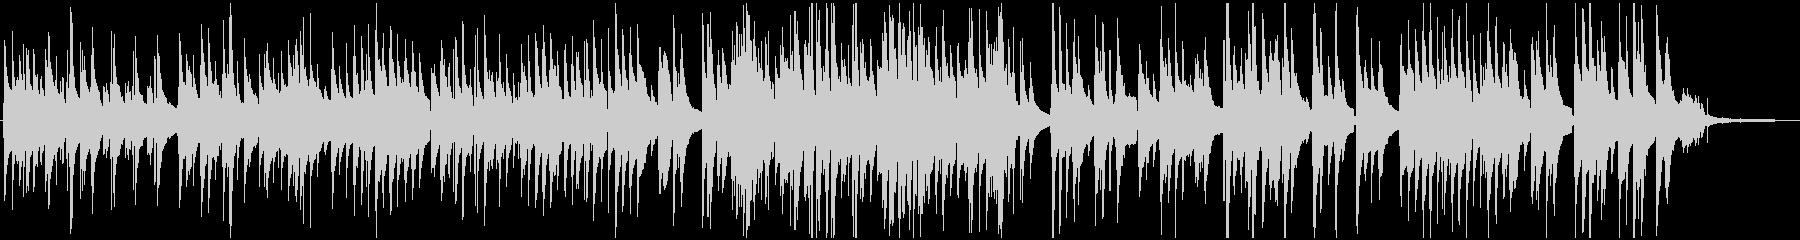 『背くらべ』のSTEM版デュオの未再生の波形